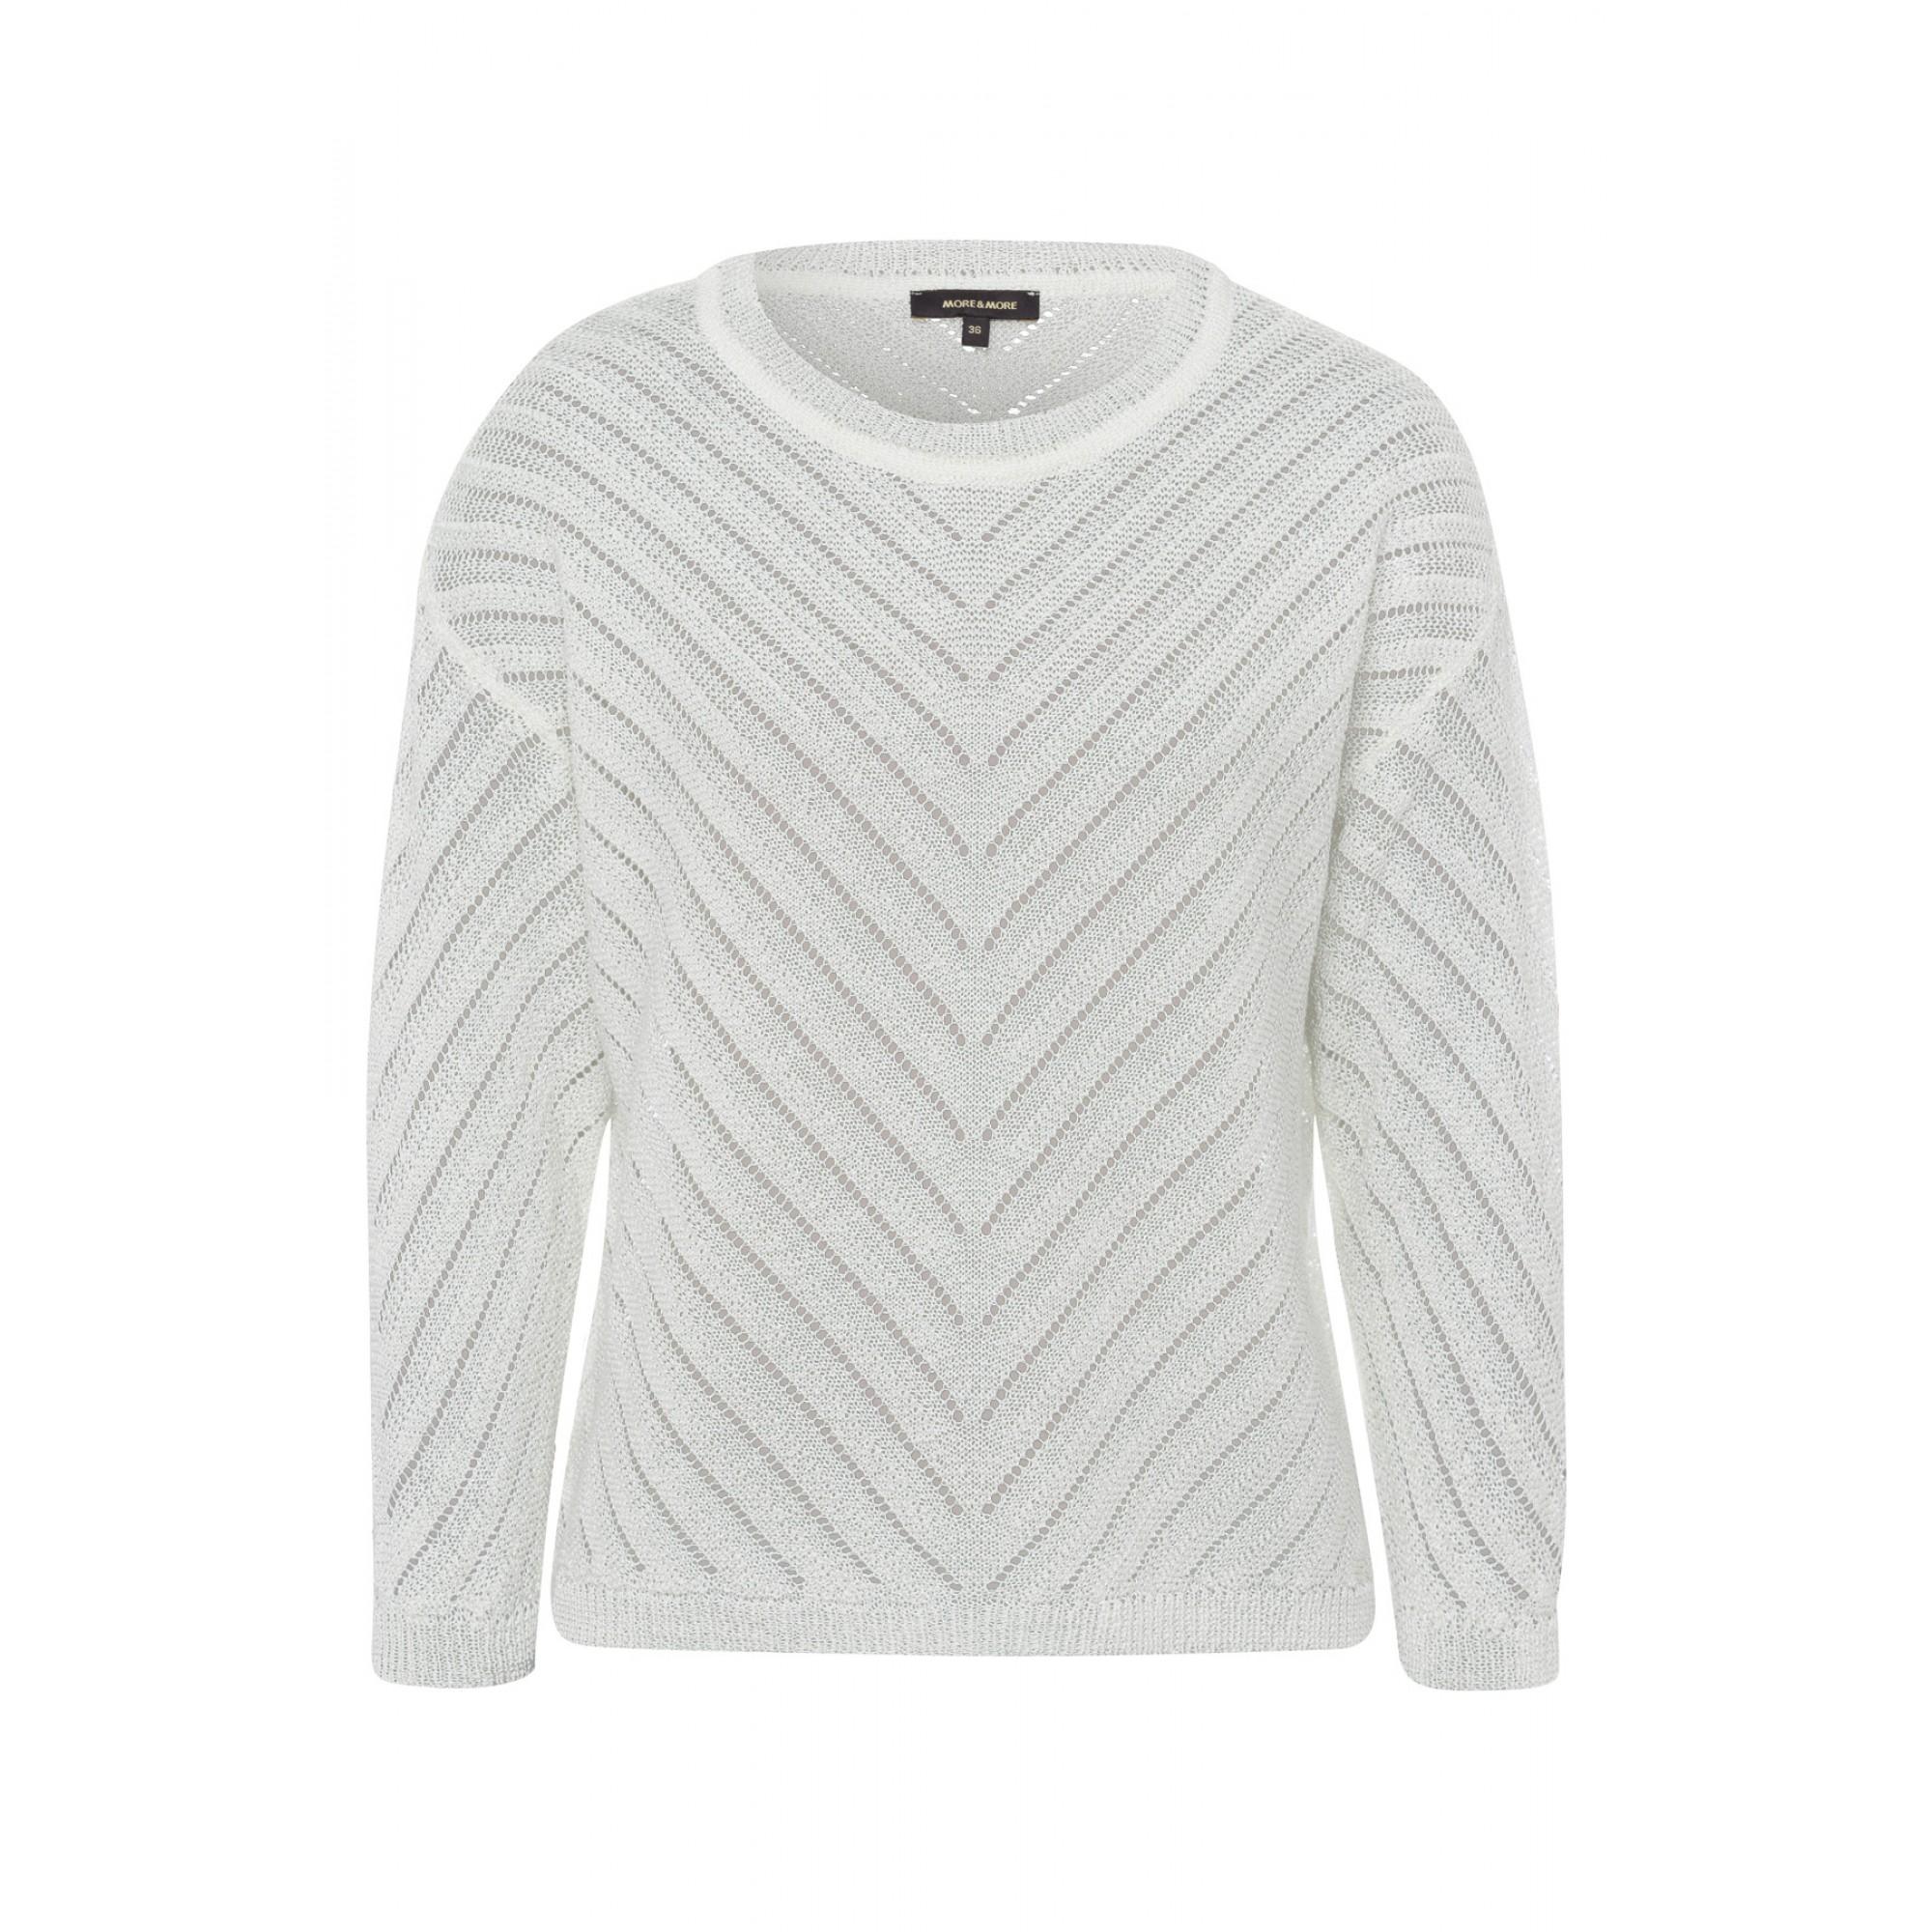 More & More Pullover mit Strukturstreifen weiß